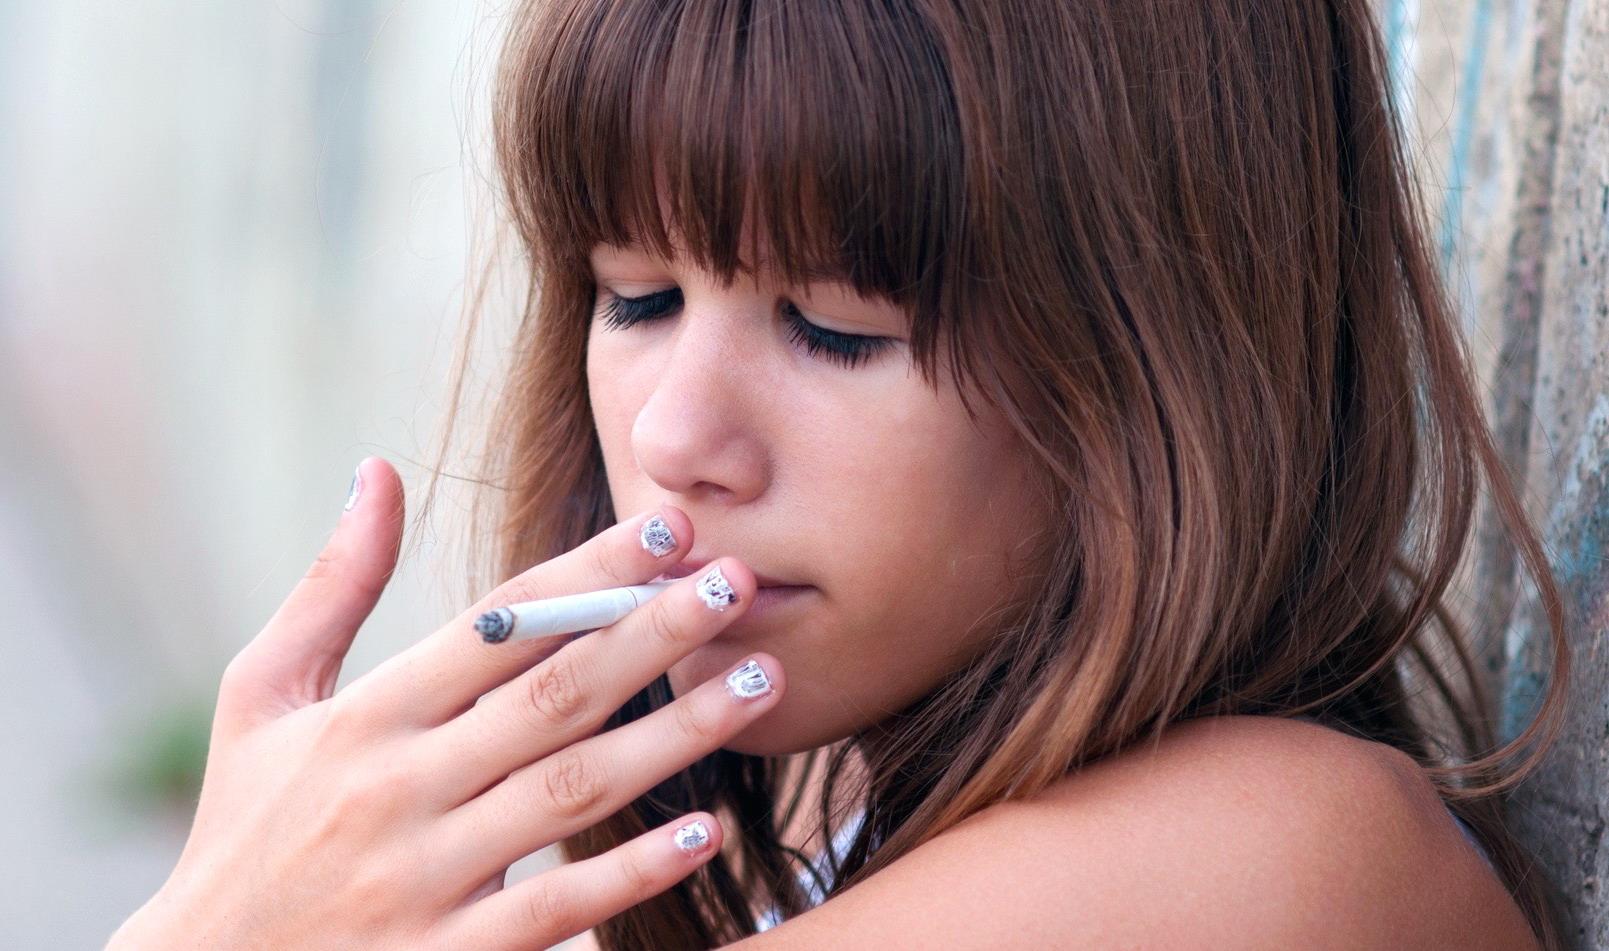 fumo di sigaretta video di sesso